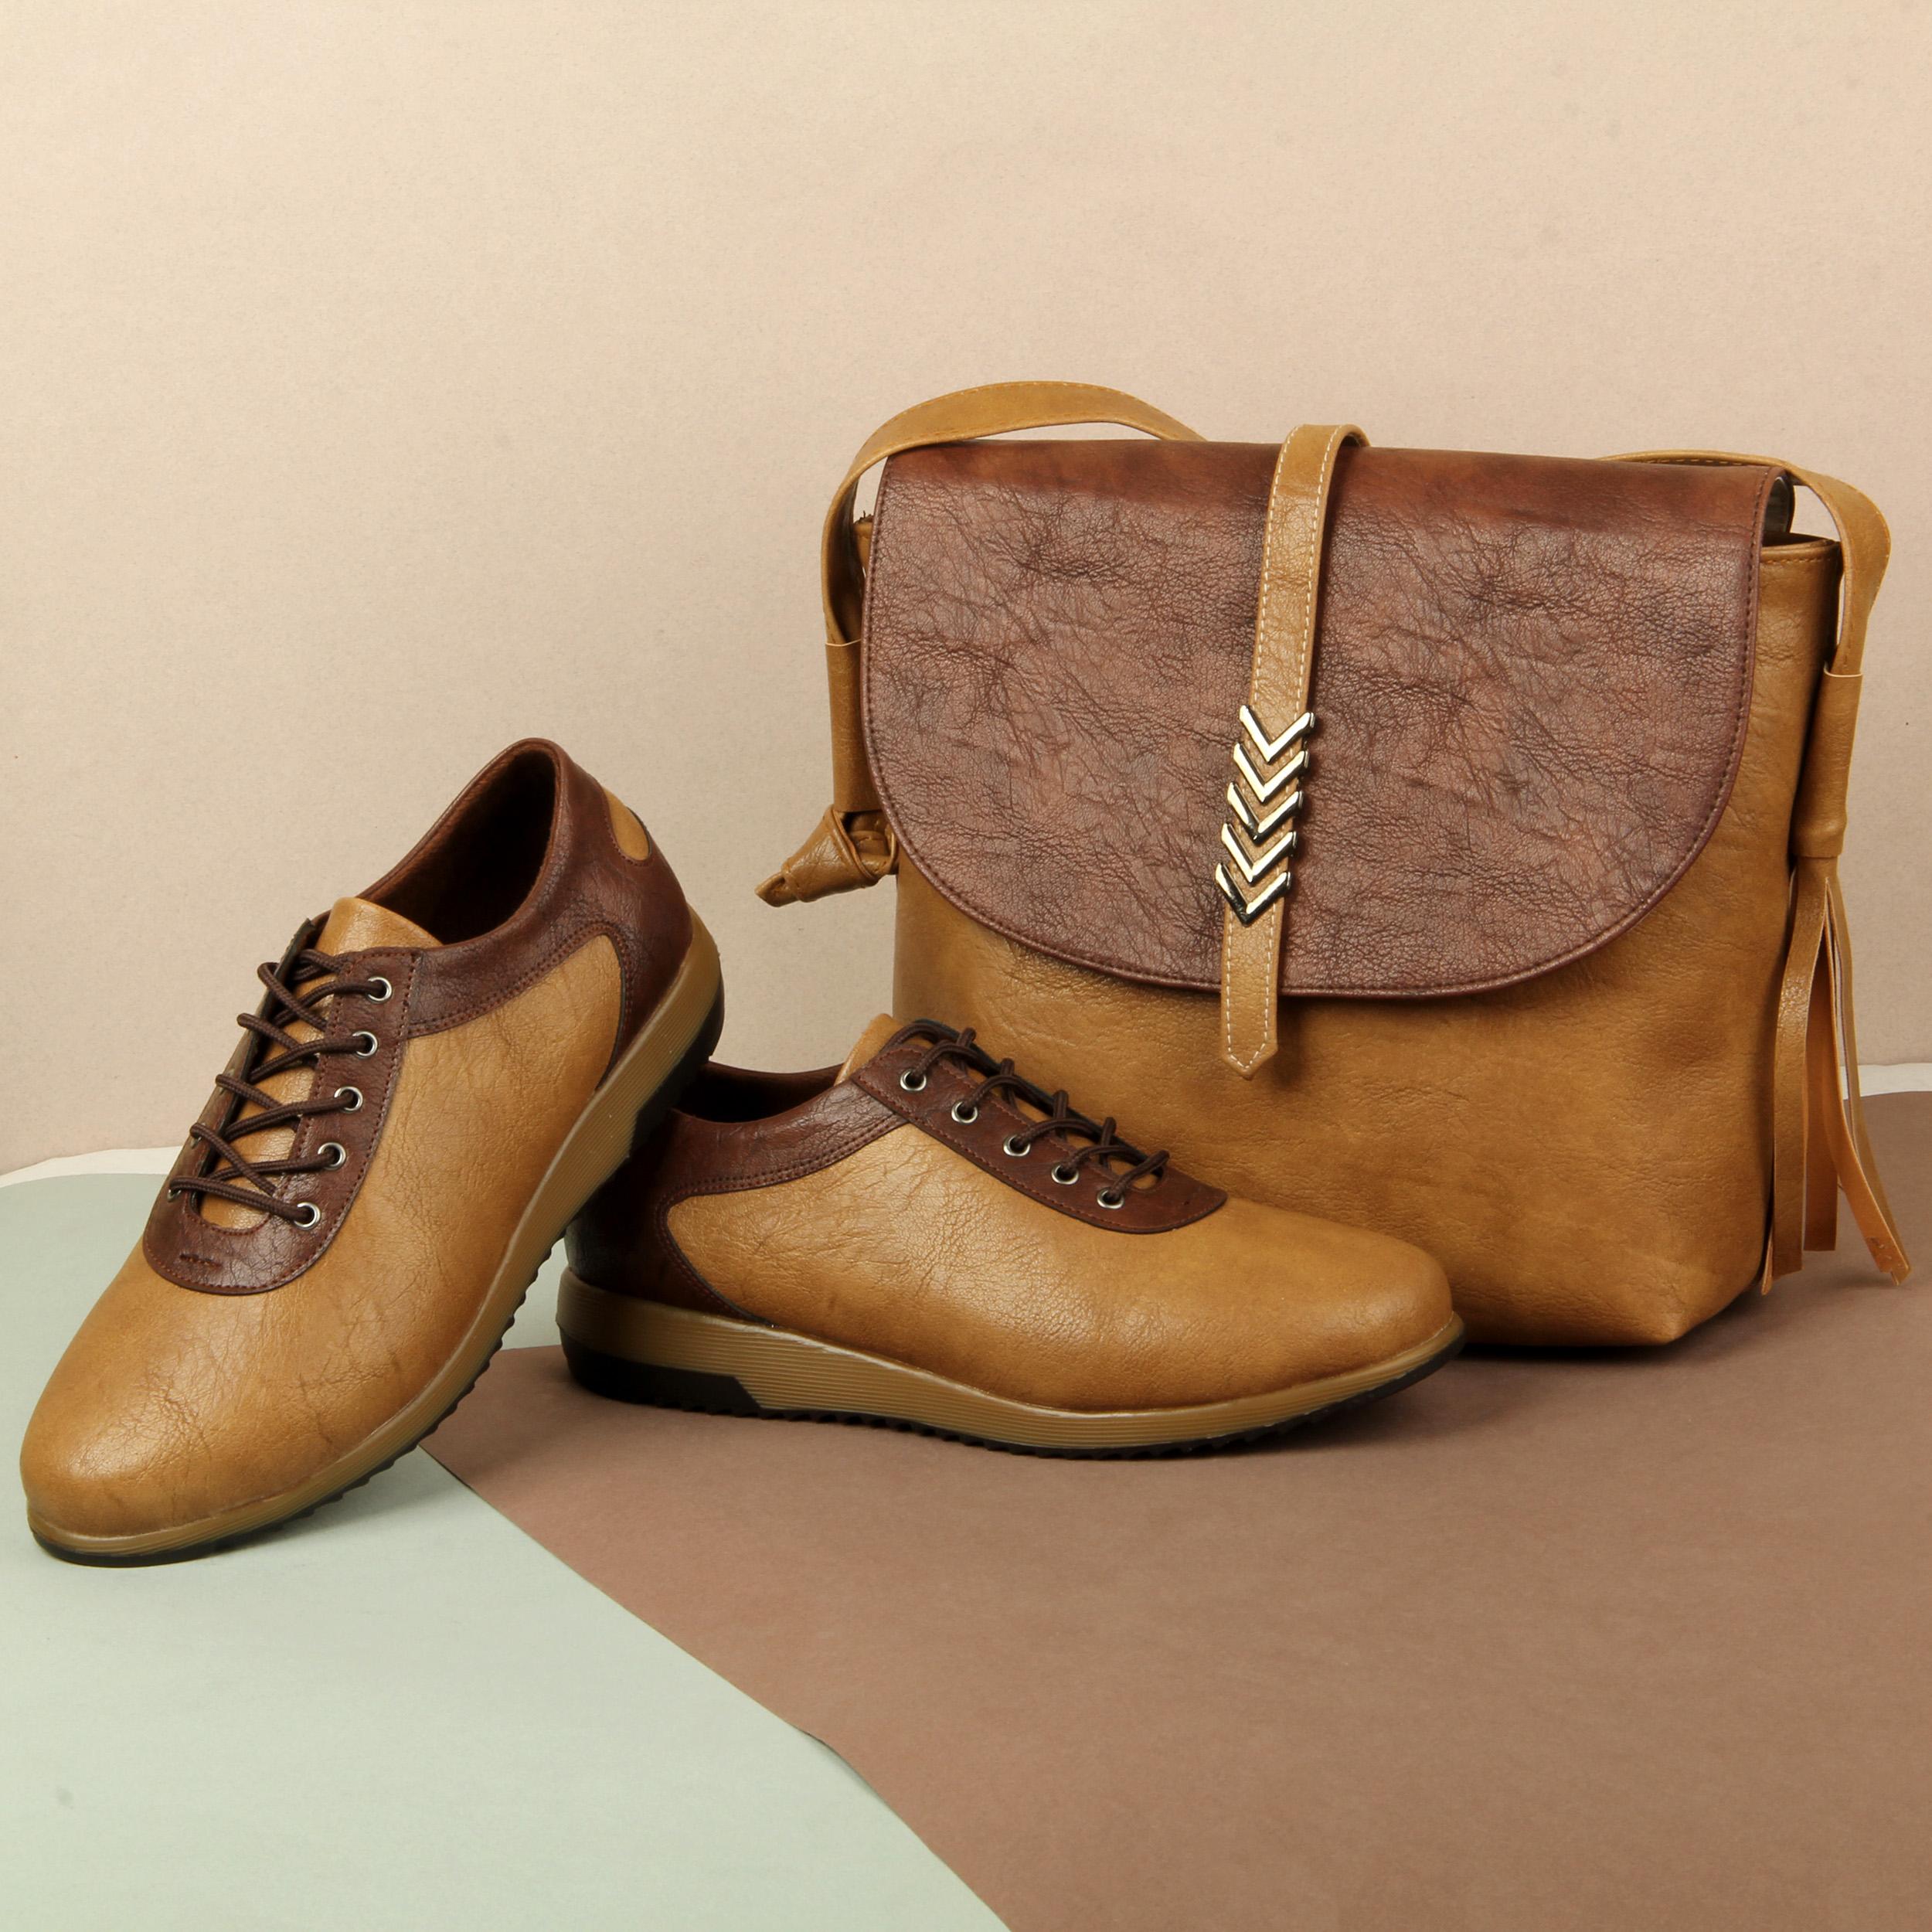 ست کیف و کفش زنانه باب مدل ثمین کد 928-3 main 1 10